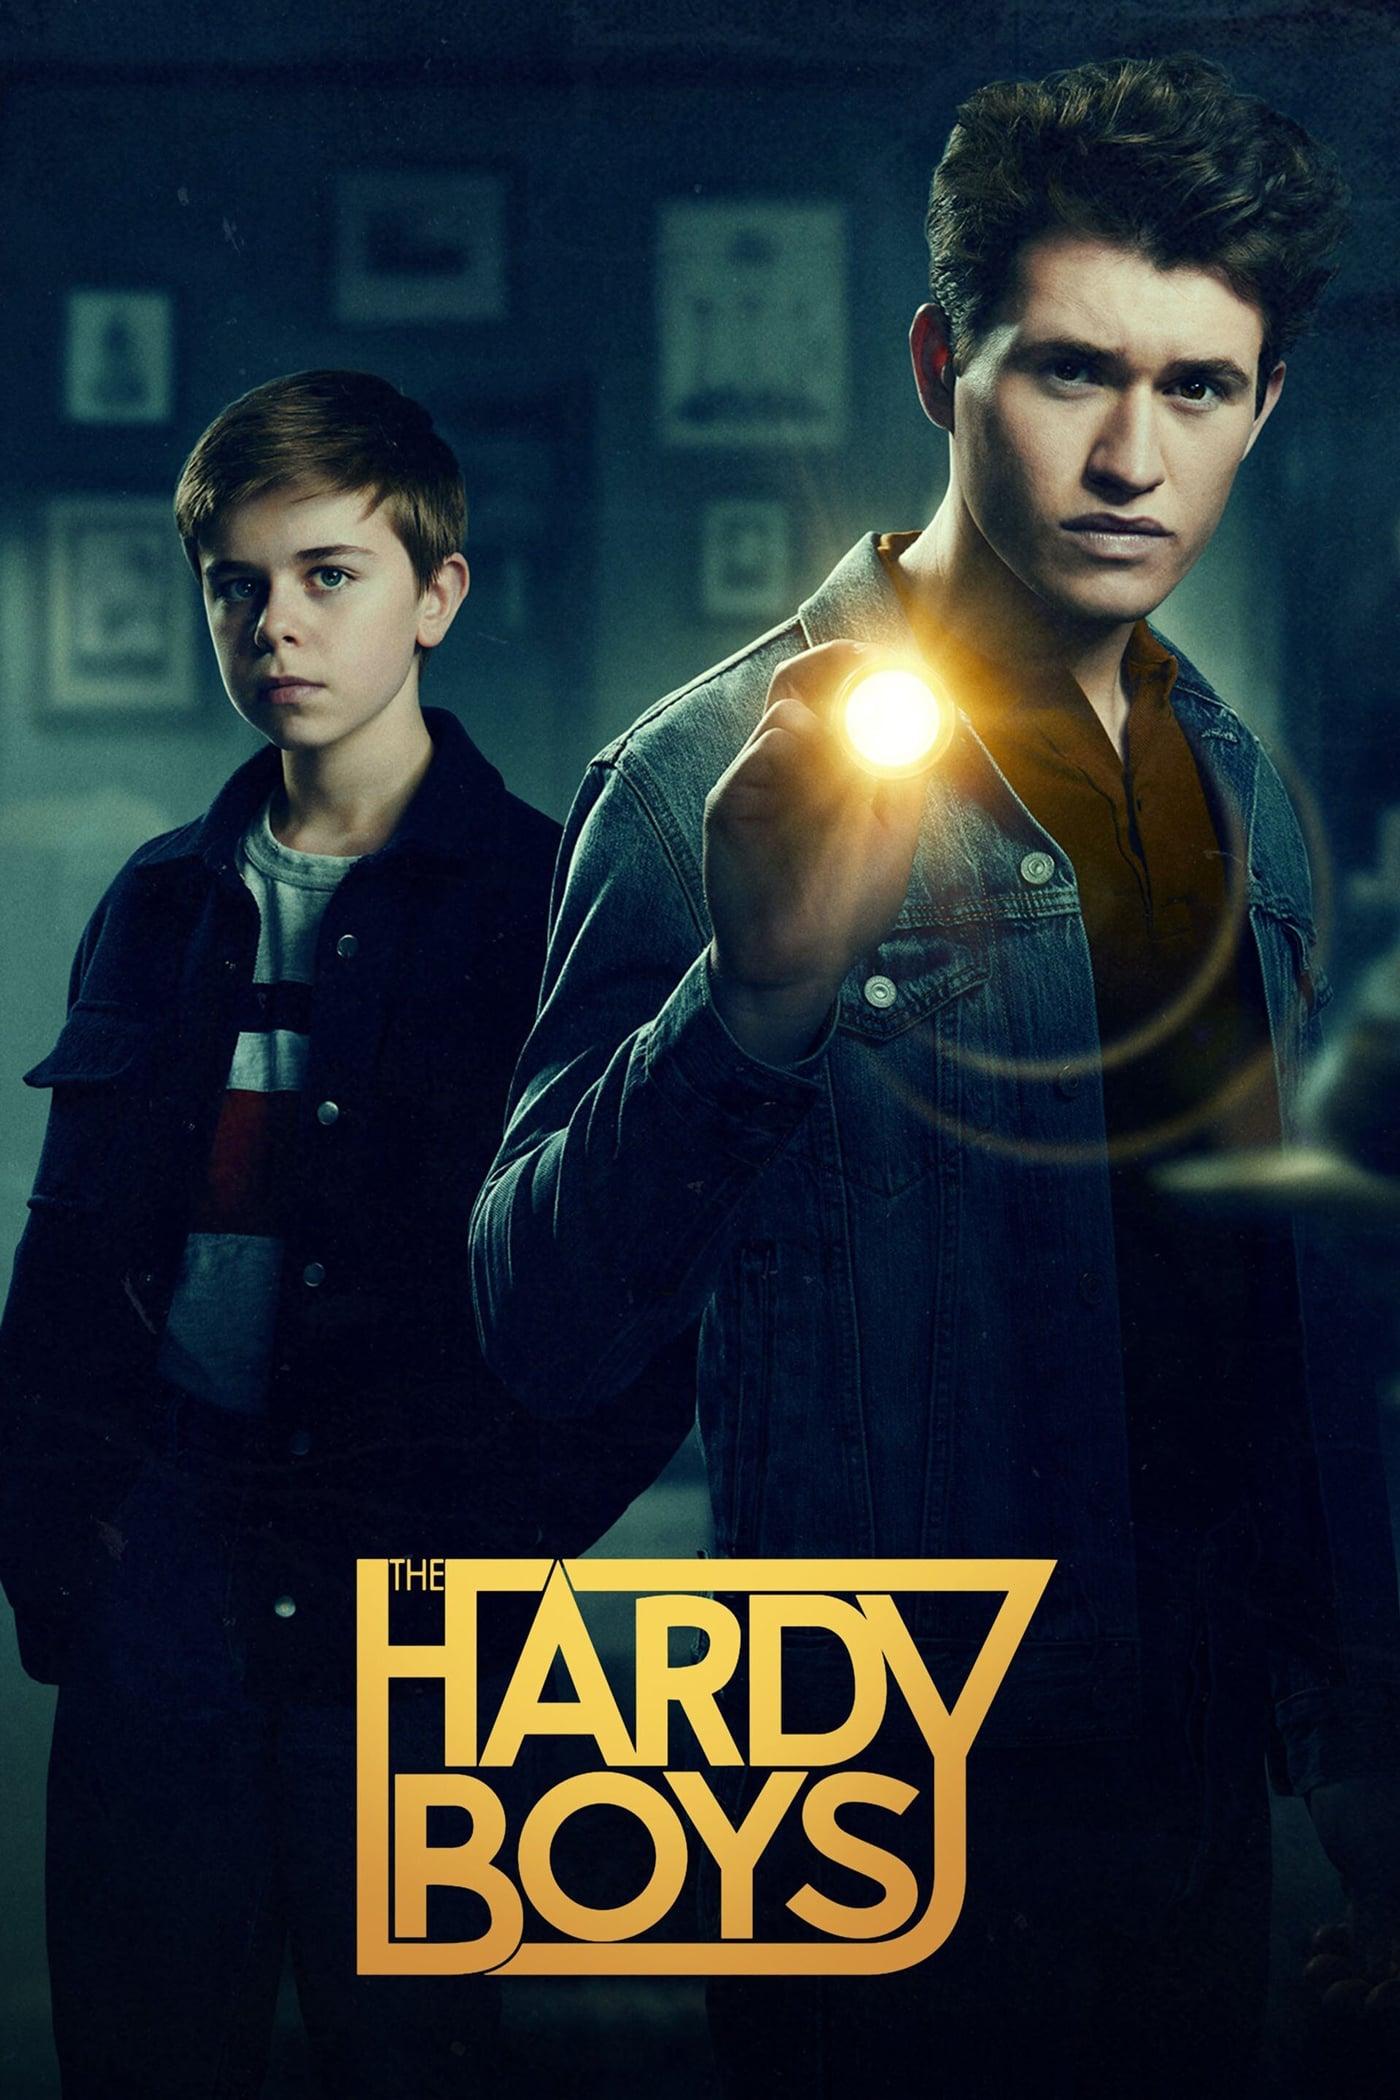 دانلود سریال The Hardy Boys با دوبله فارسی